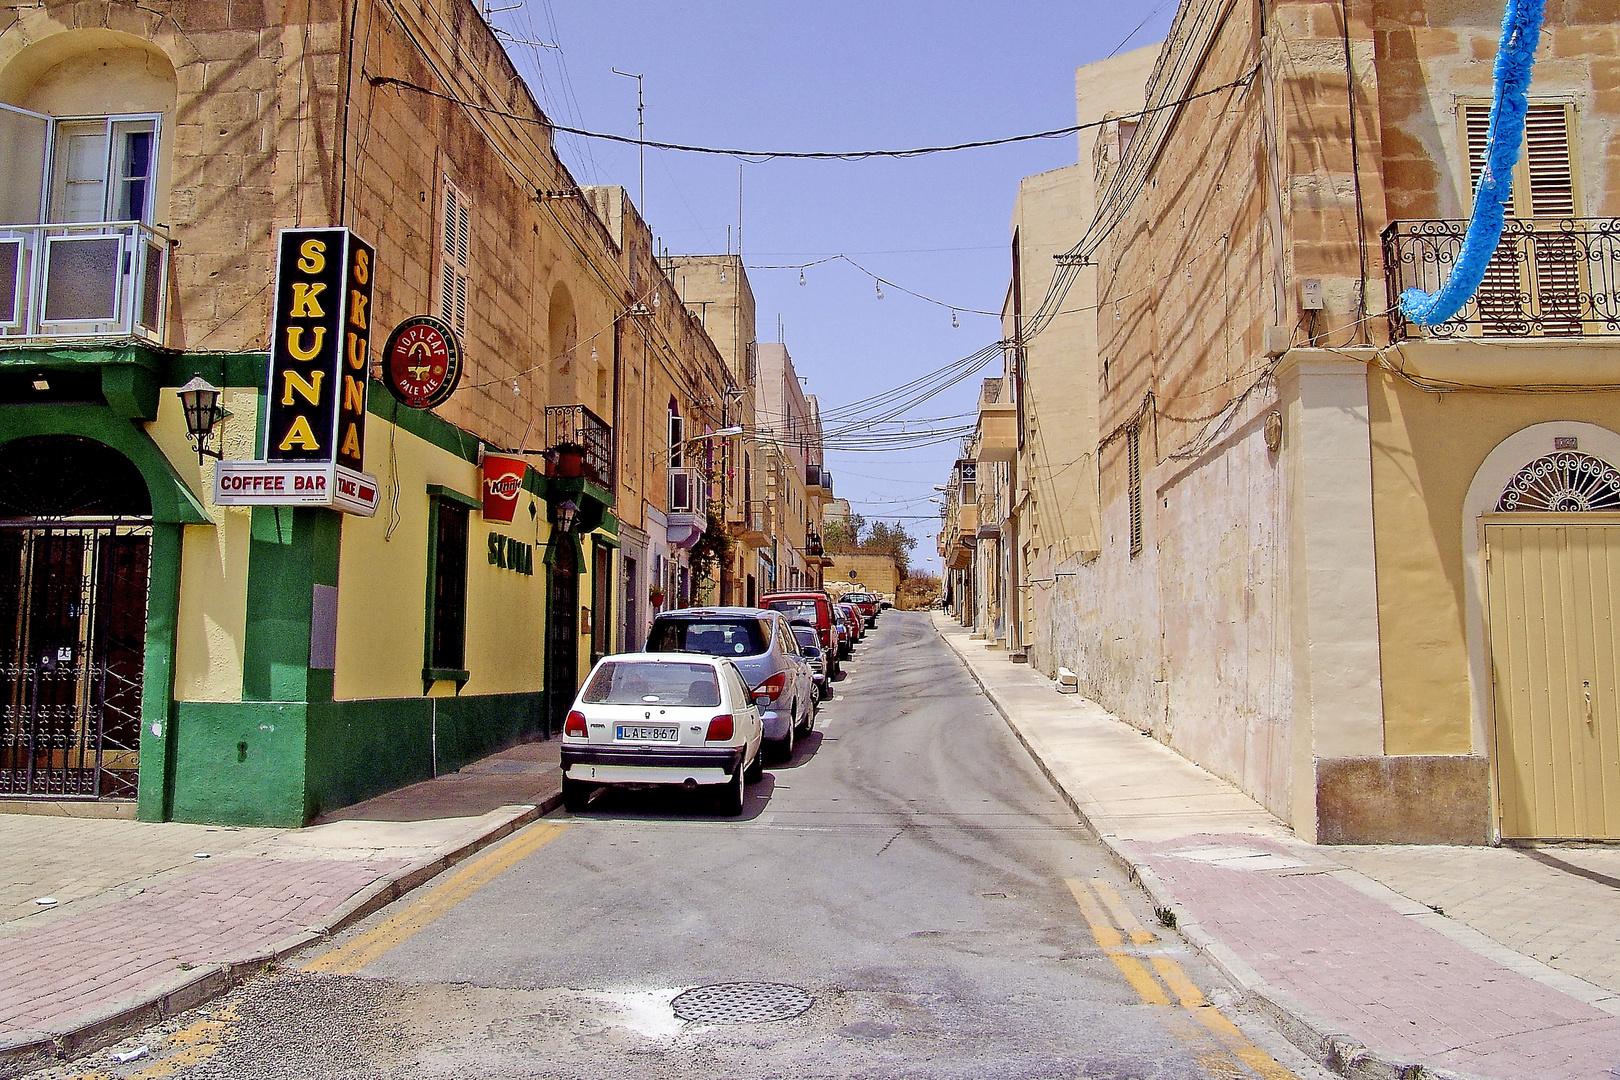 in den Straßen von Mxlokk 2 Malta